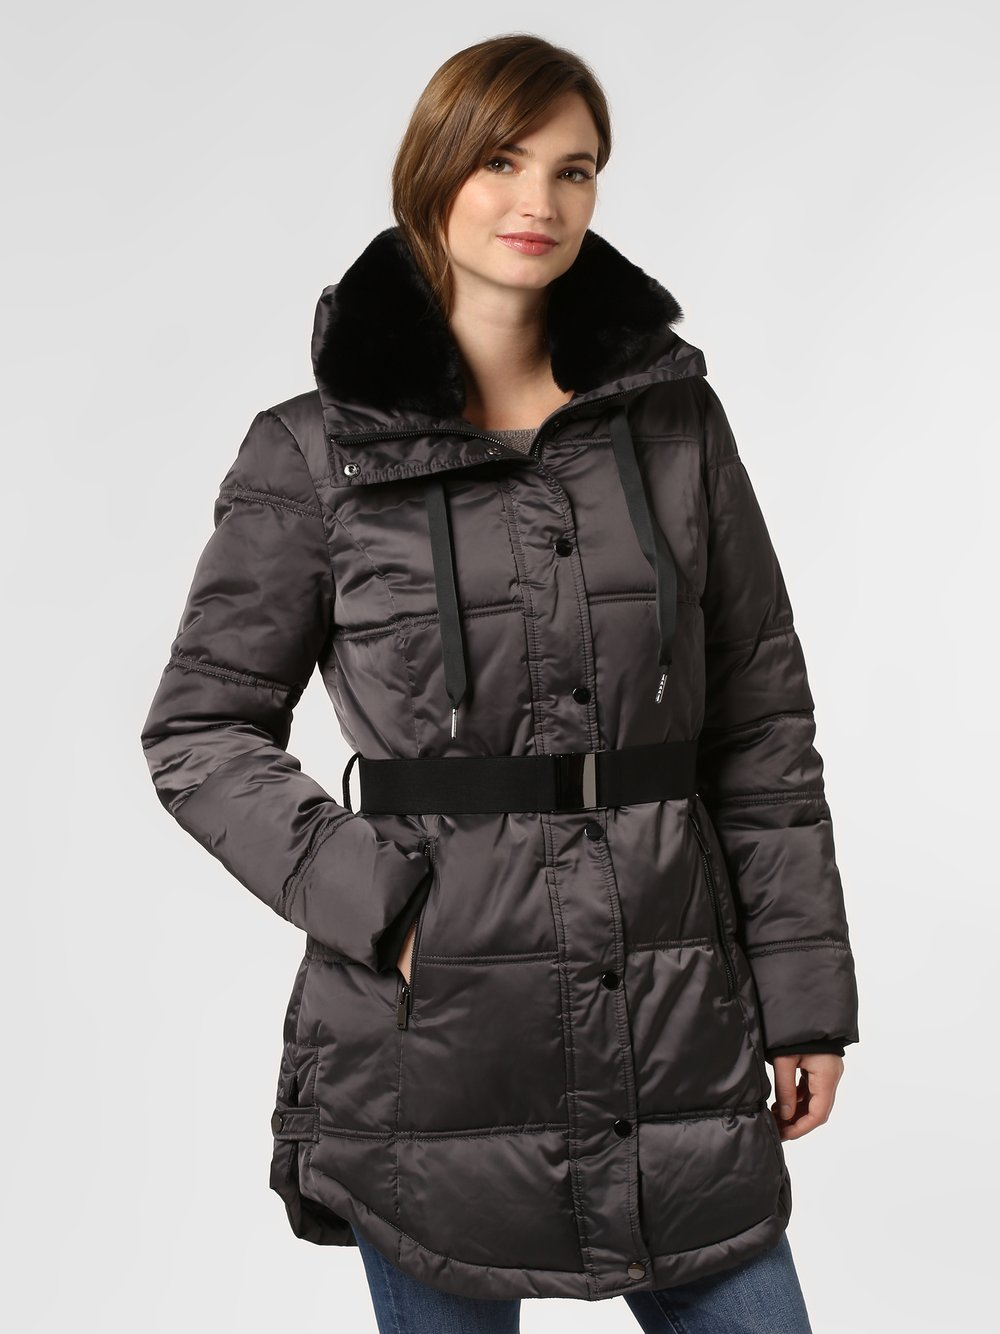 Marie Lund - Damski płaszcz pikowany, szary